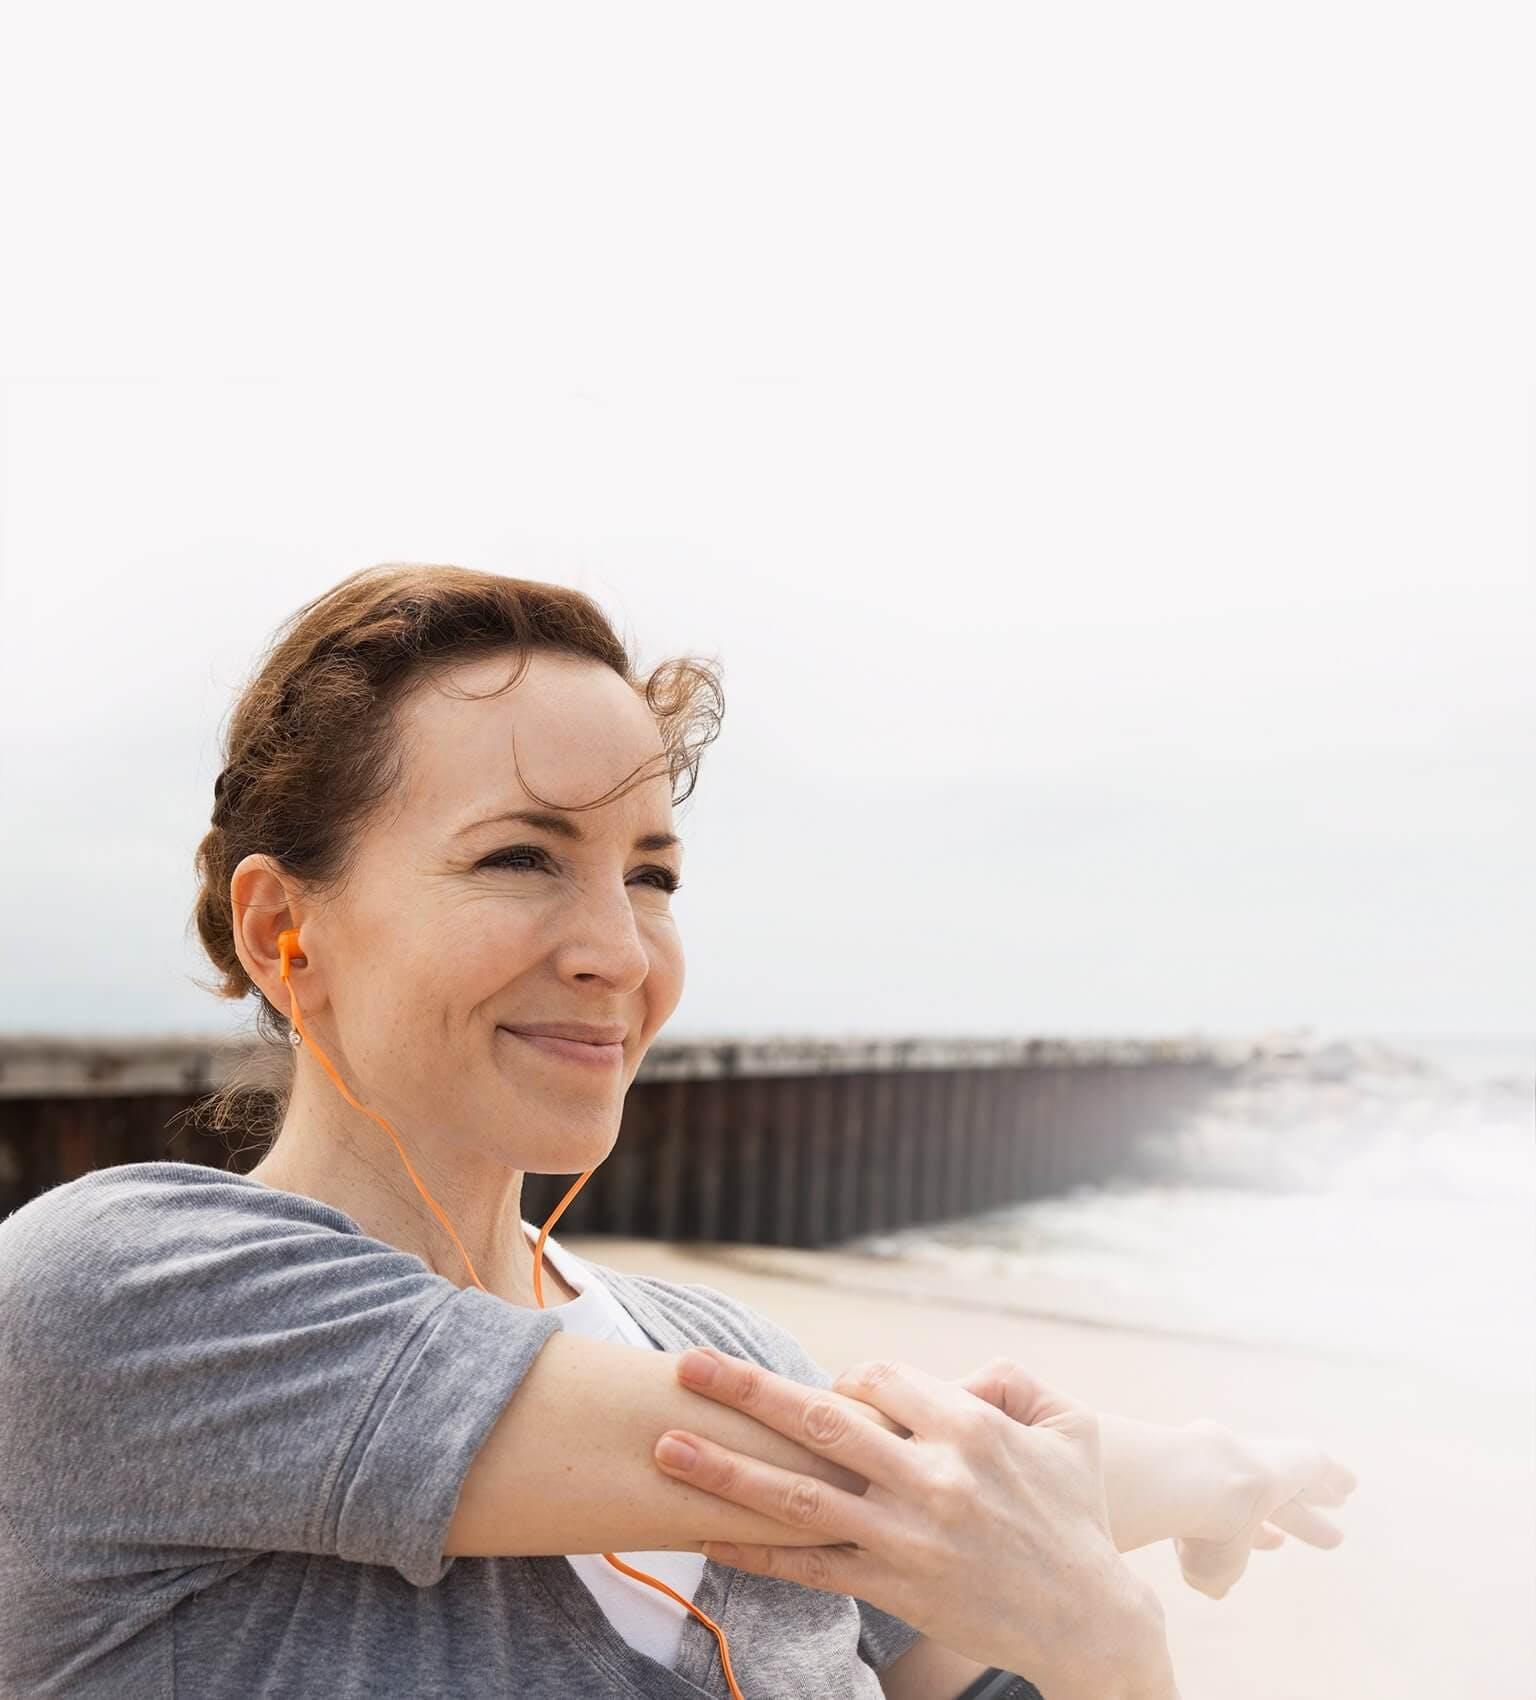 Kobieta przeciągająca się na plaży, łapiąca się za przedramię